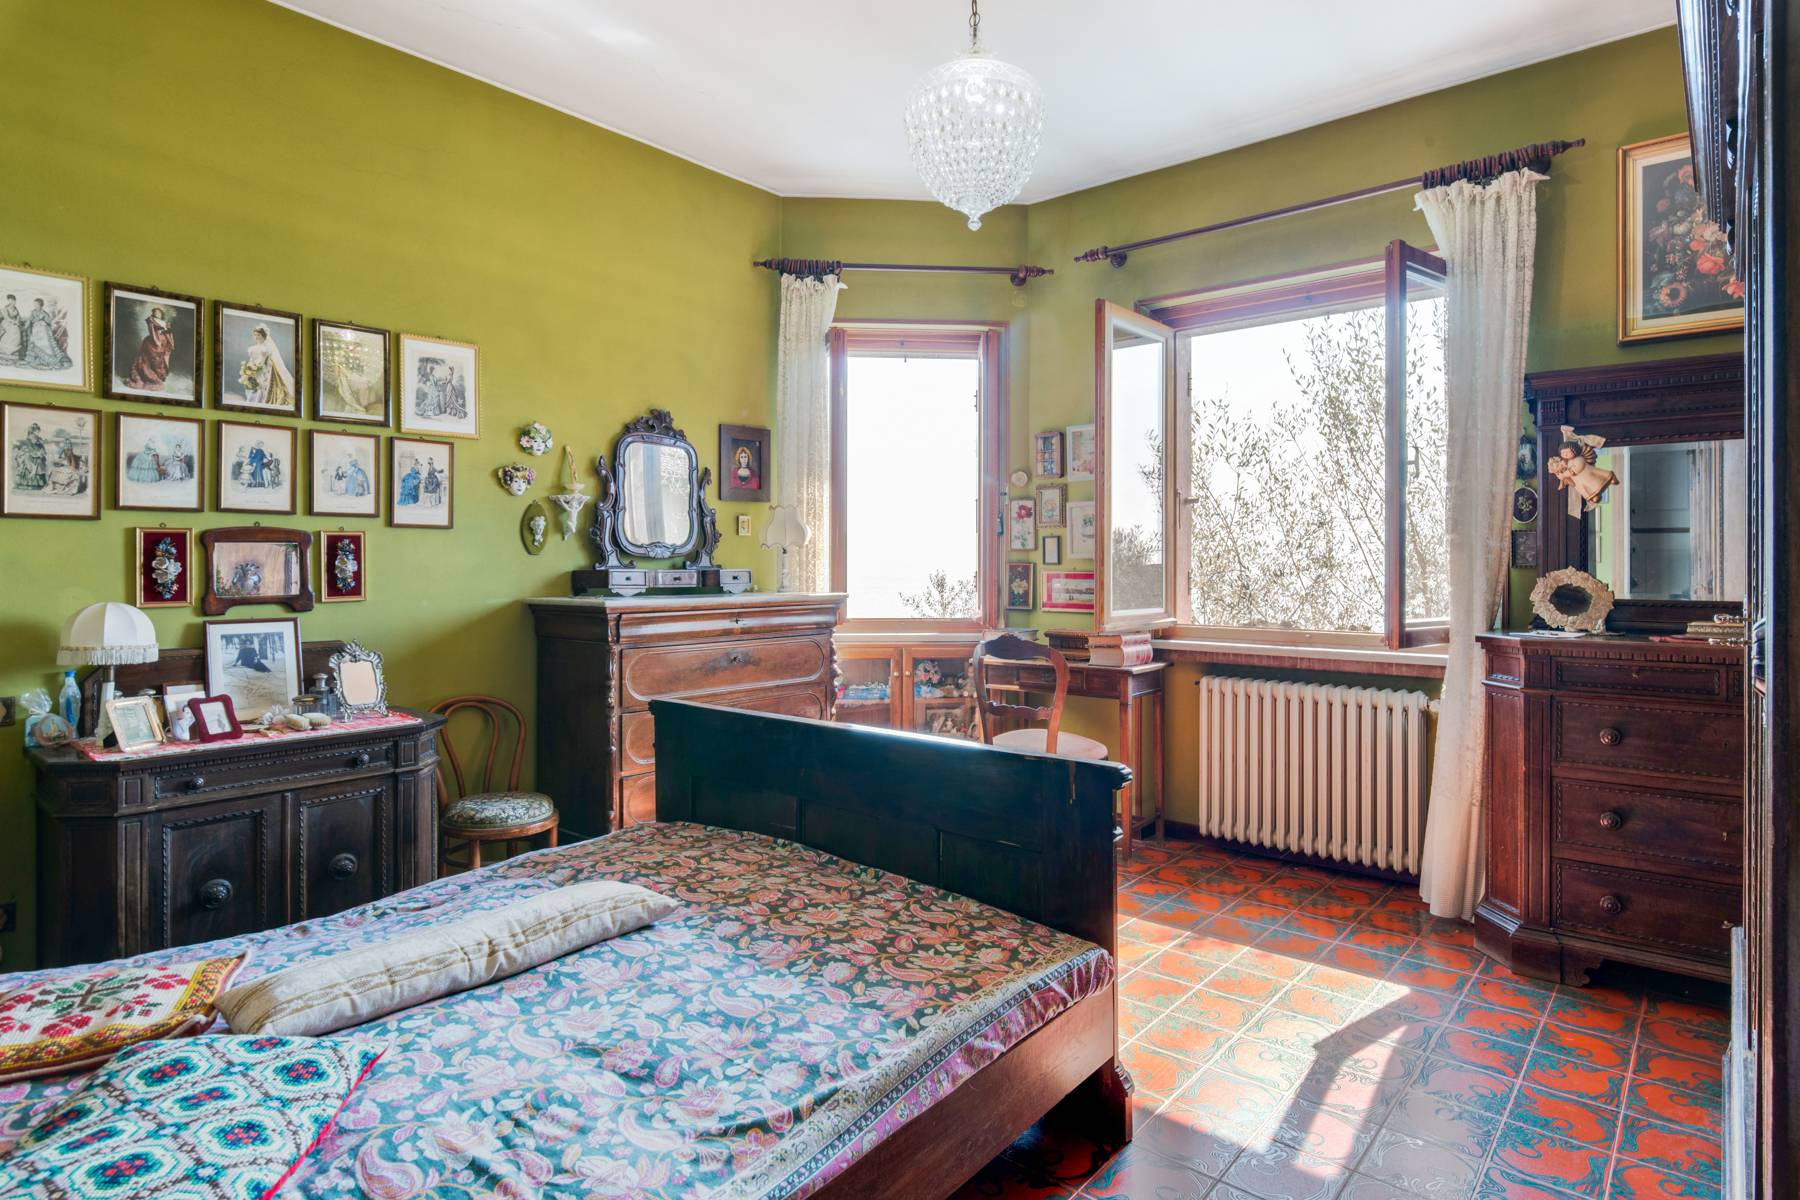 Villa in Gargnano inmitten der Olivenbäume vom Gardasee mit herrlichem Seeblick - 9